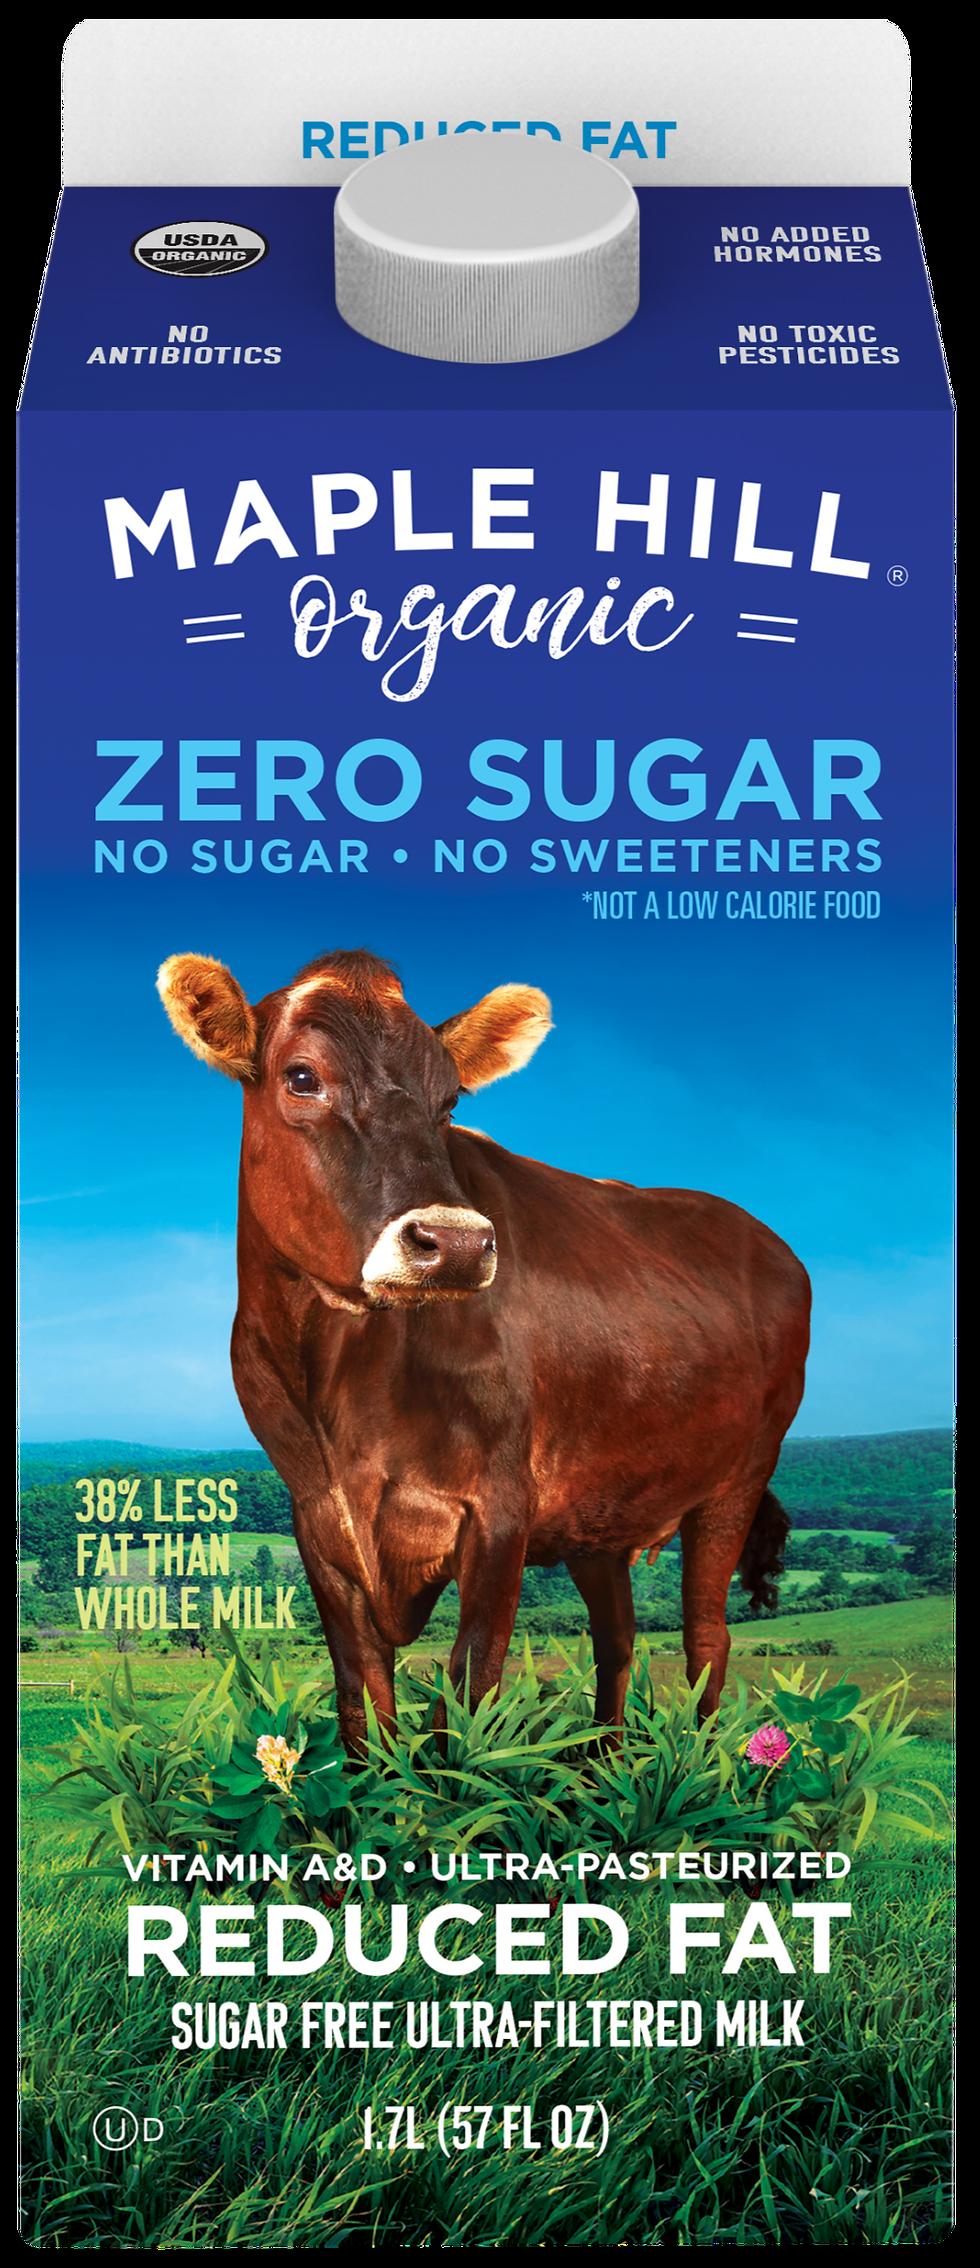 Maple Hill Organic Zero Sugar Reduced Fat Milk